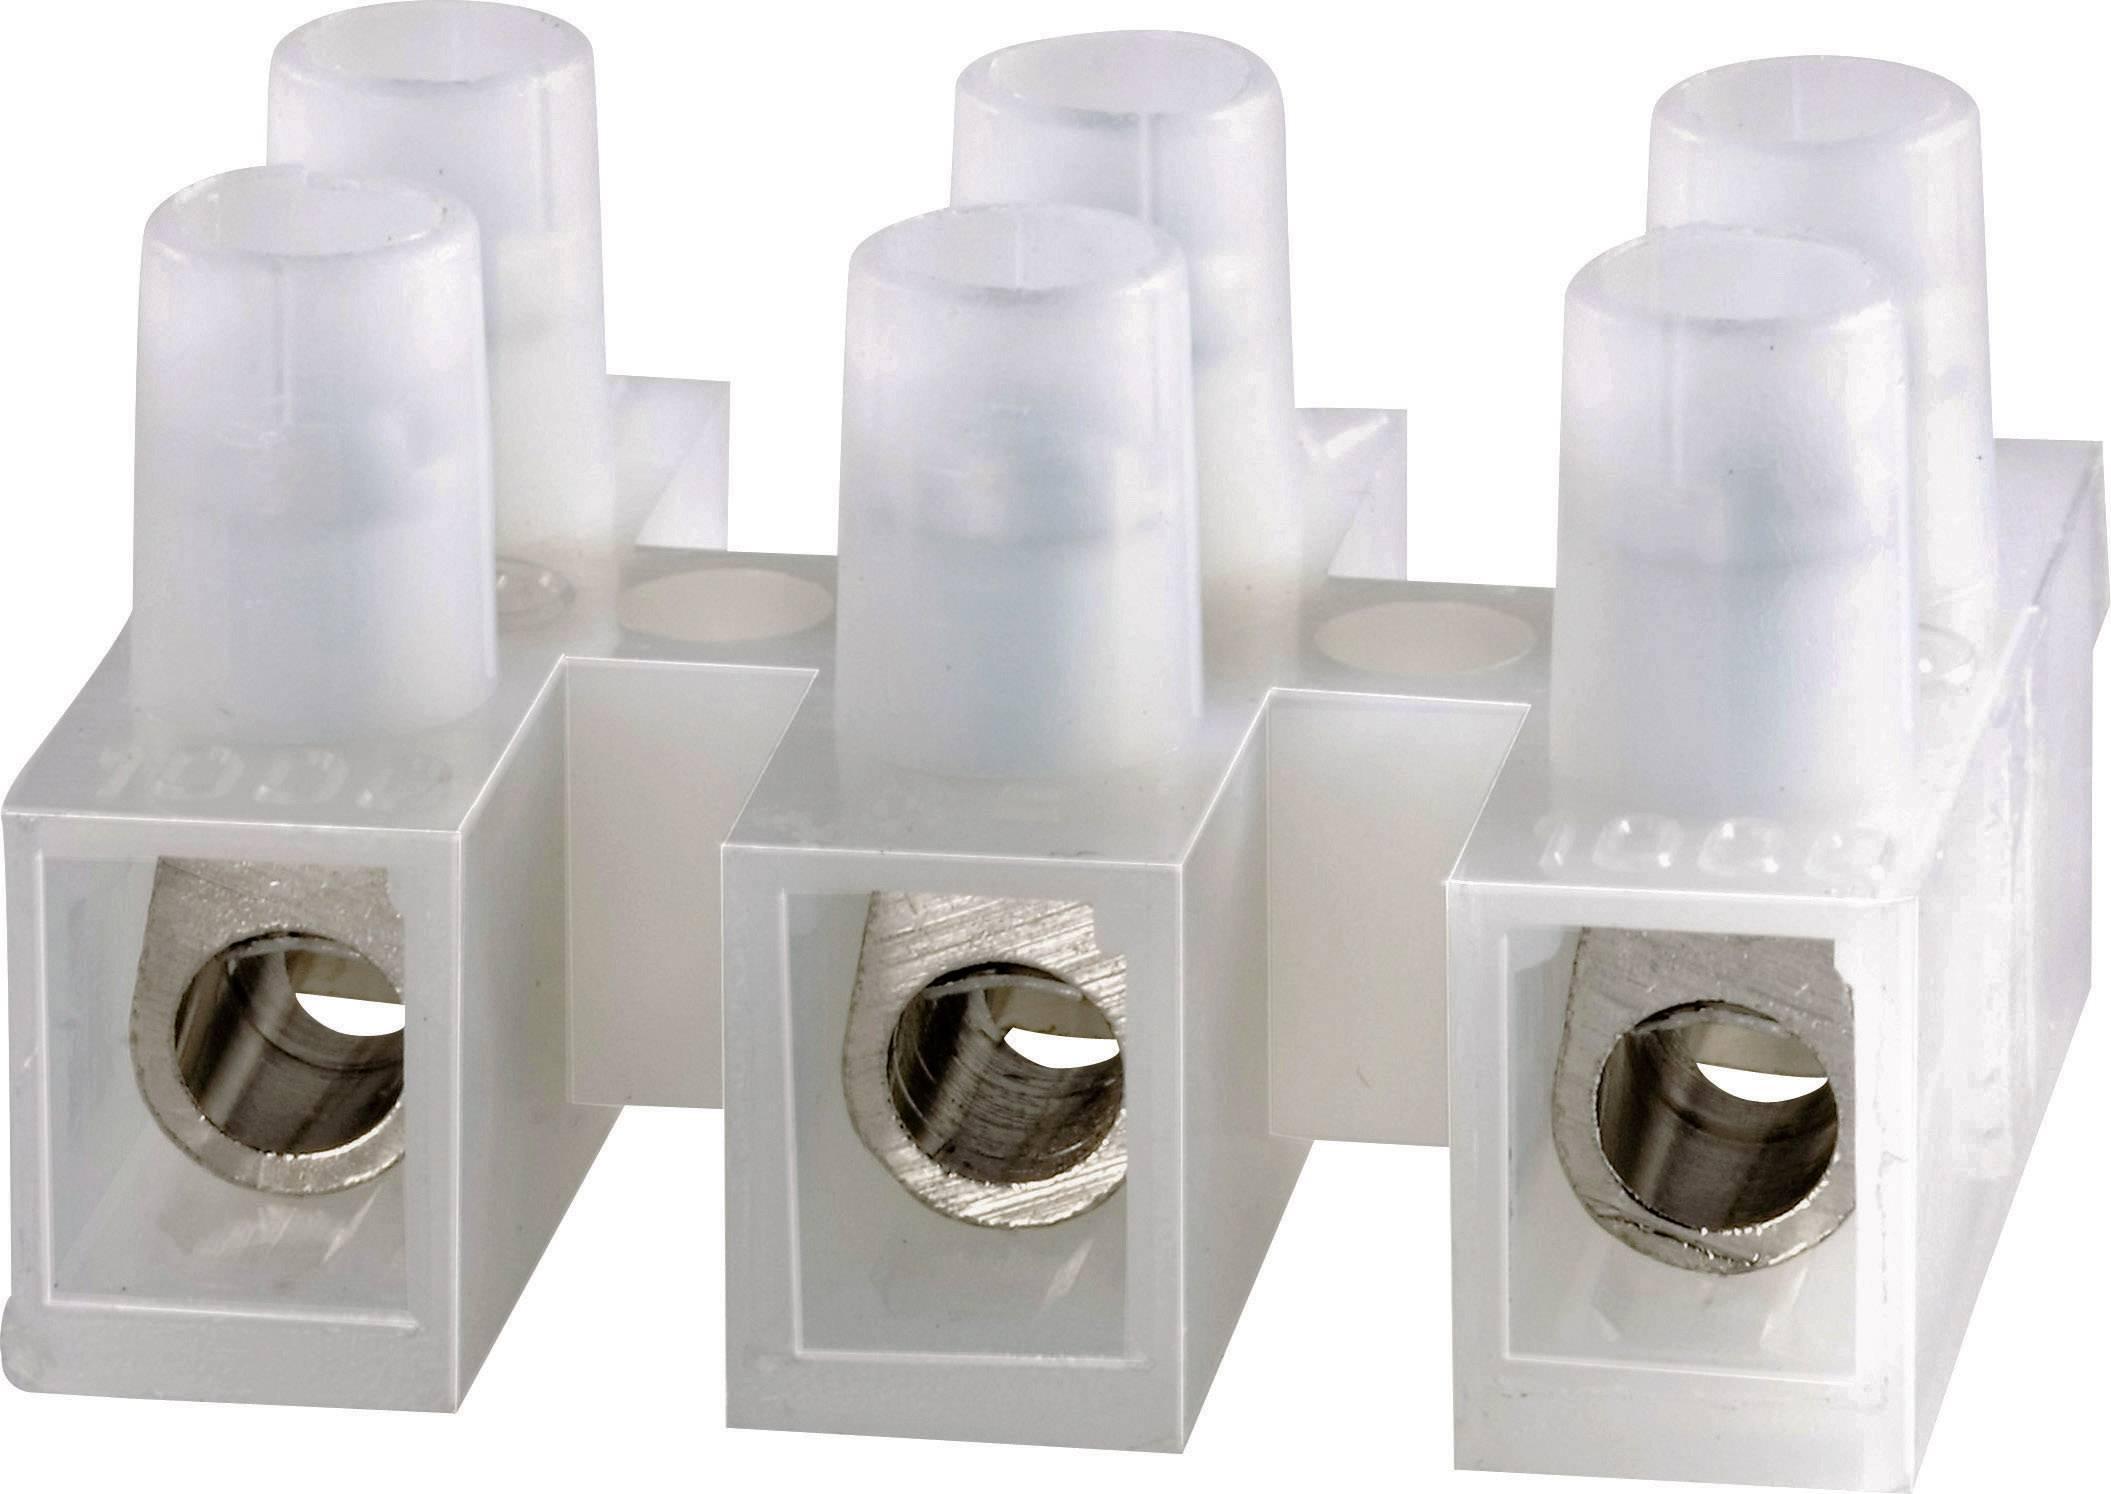 Svietidlové svorky Adels-Contact 500/335 DS 123303 na kábel s rozmerom -2.5 mm², tuhosť -2.5 mm², počet pinov 3, 1 ks, prírodná